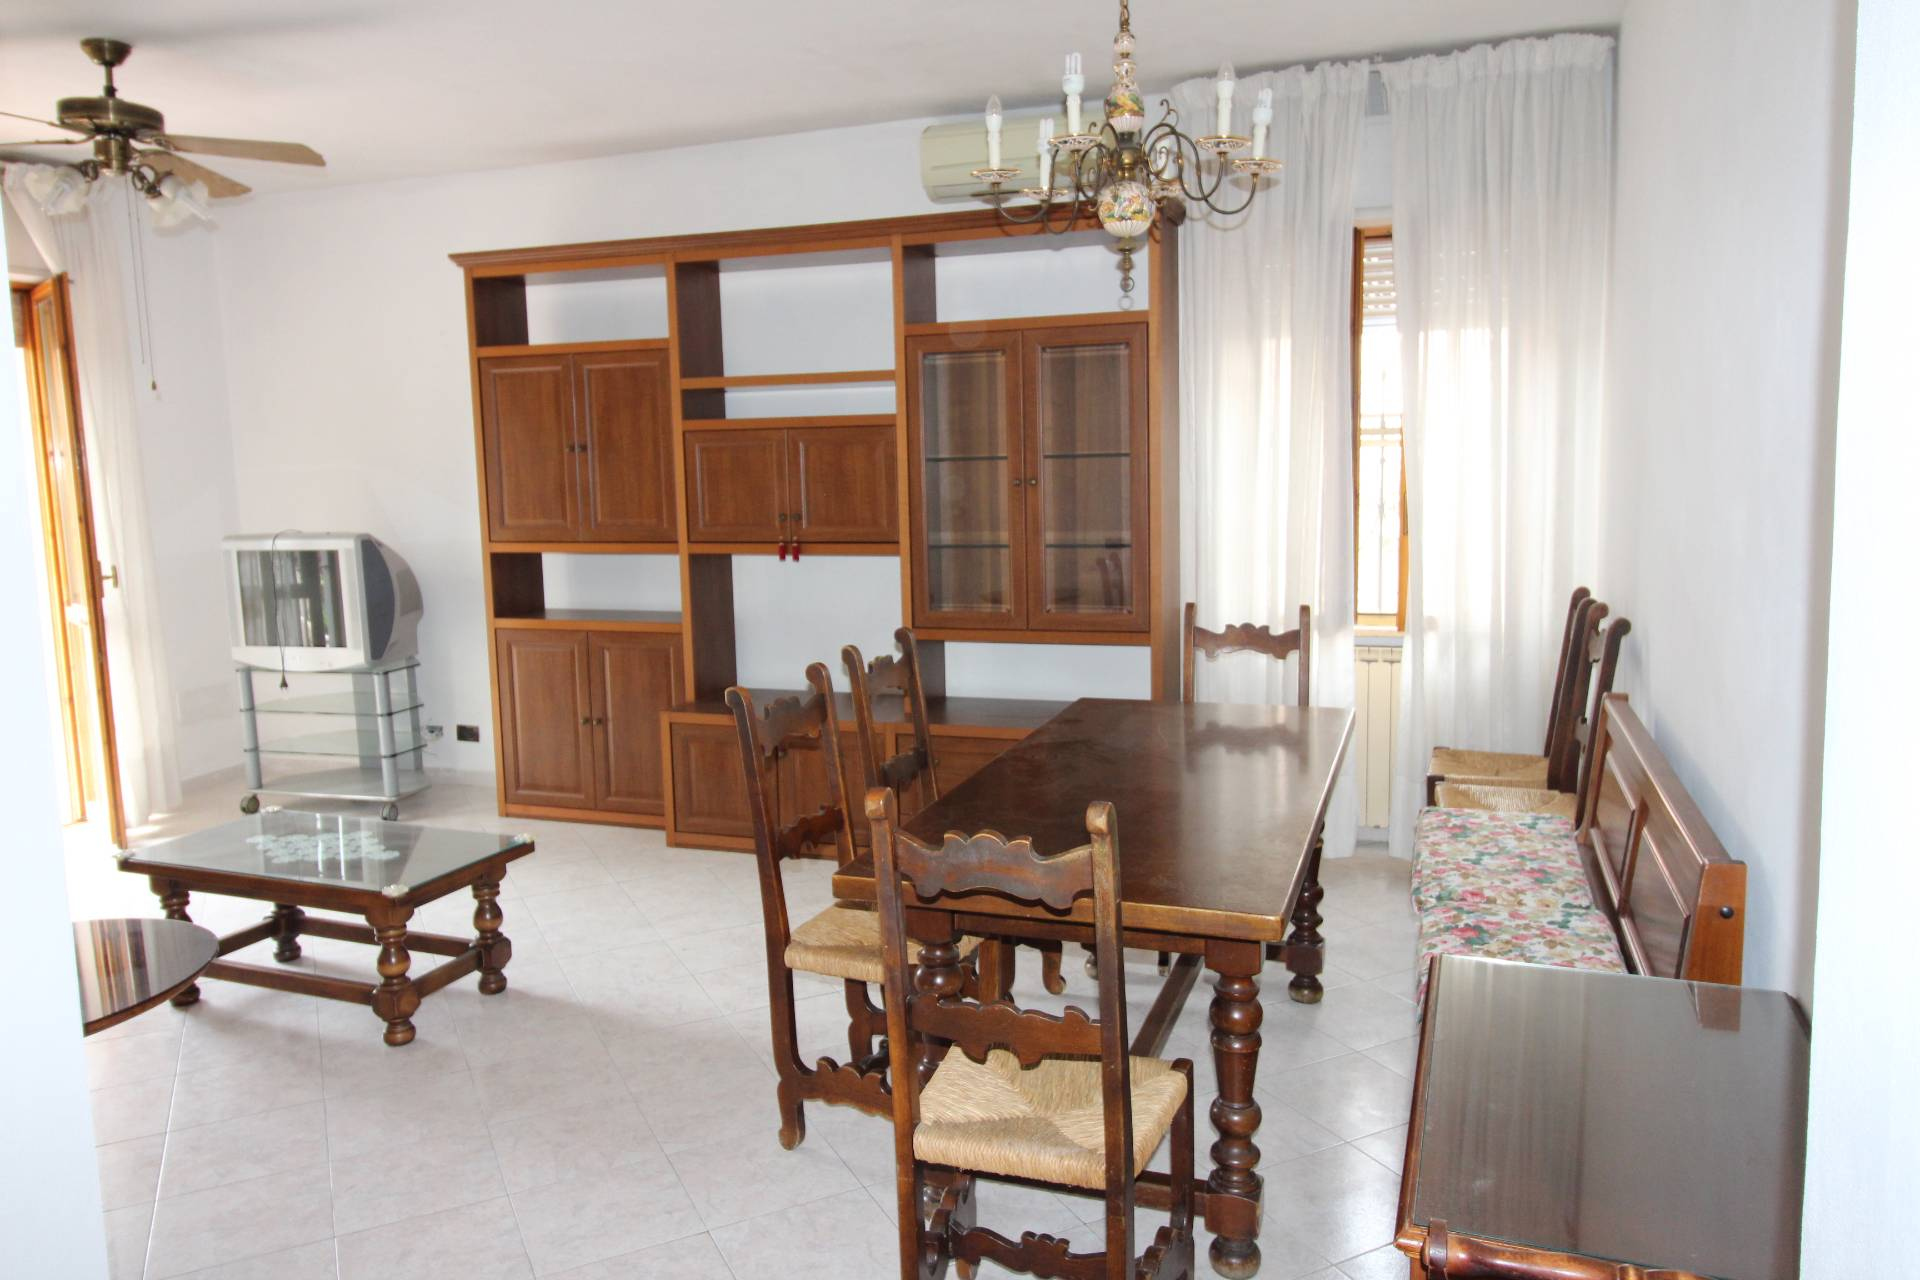 Appartamento in vendita a Vecchiano, 4 locali, prezzo € 160.000 | CambioCasa.it